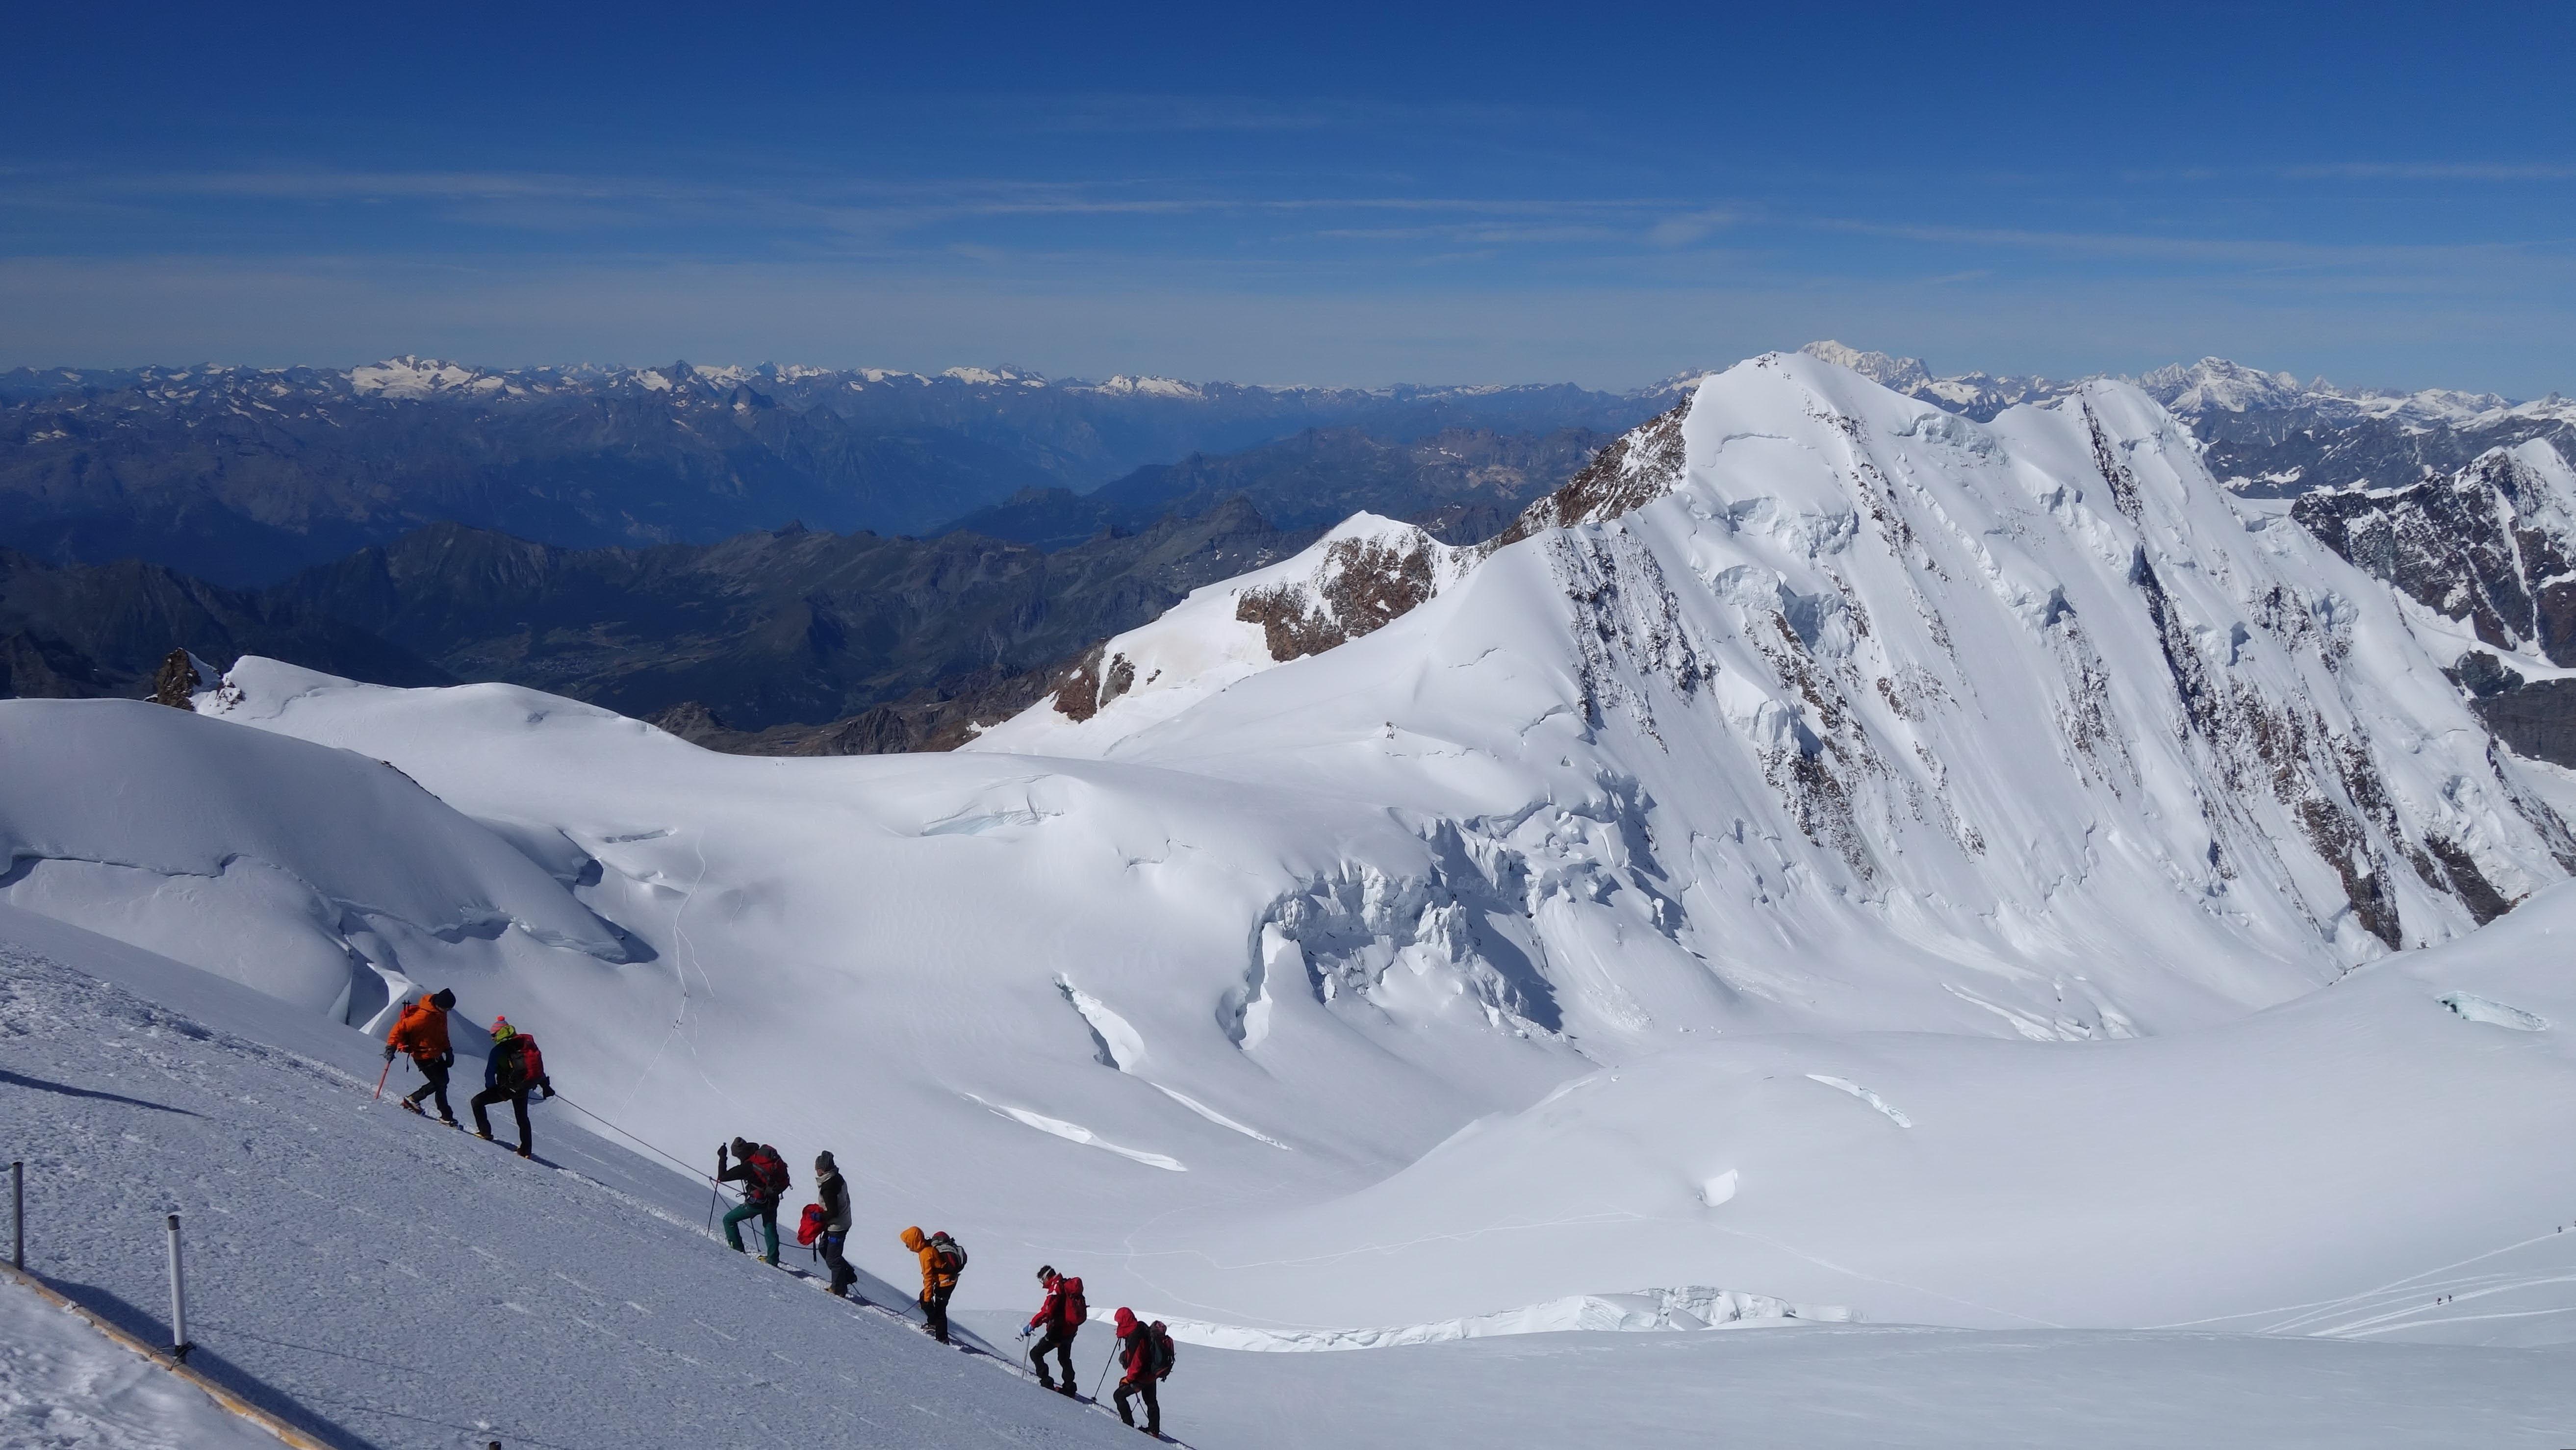 Sicurezza: qual è l'immagine mediatica dei rischi in montagna?